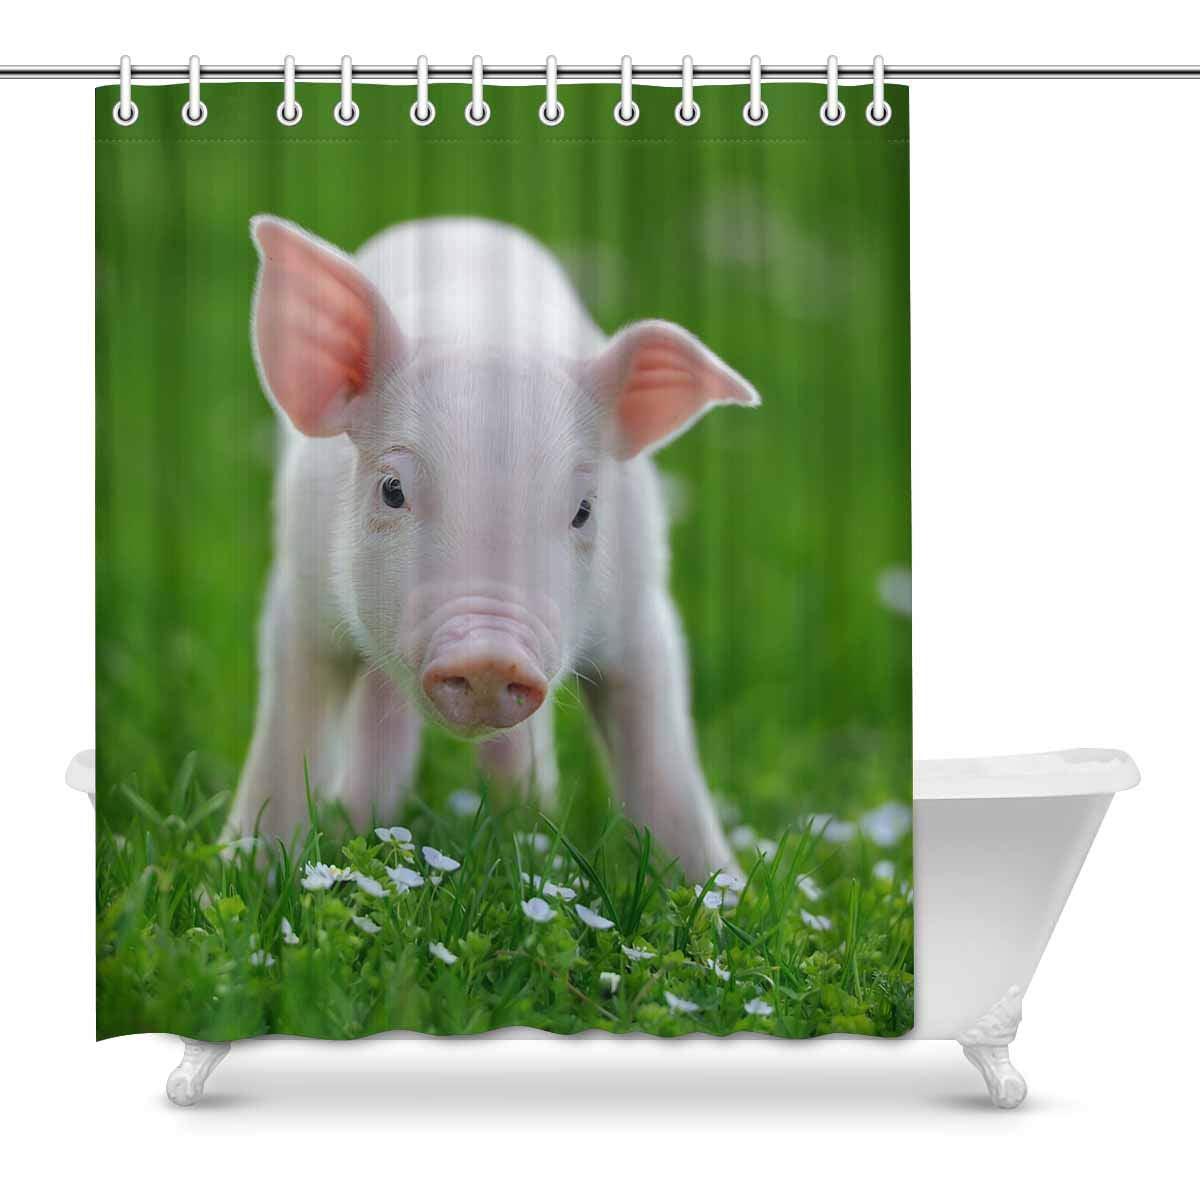 Flower Pig Waterproof Bathroom Polyester Shower Curtain Liner Water Resistant